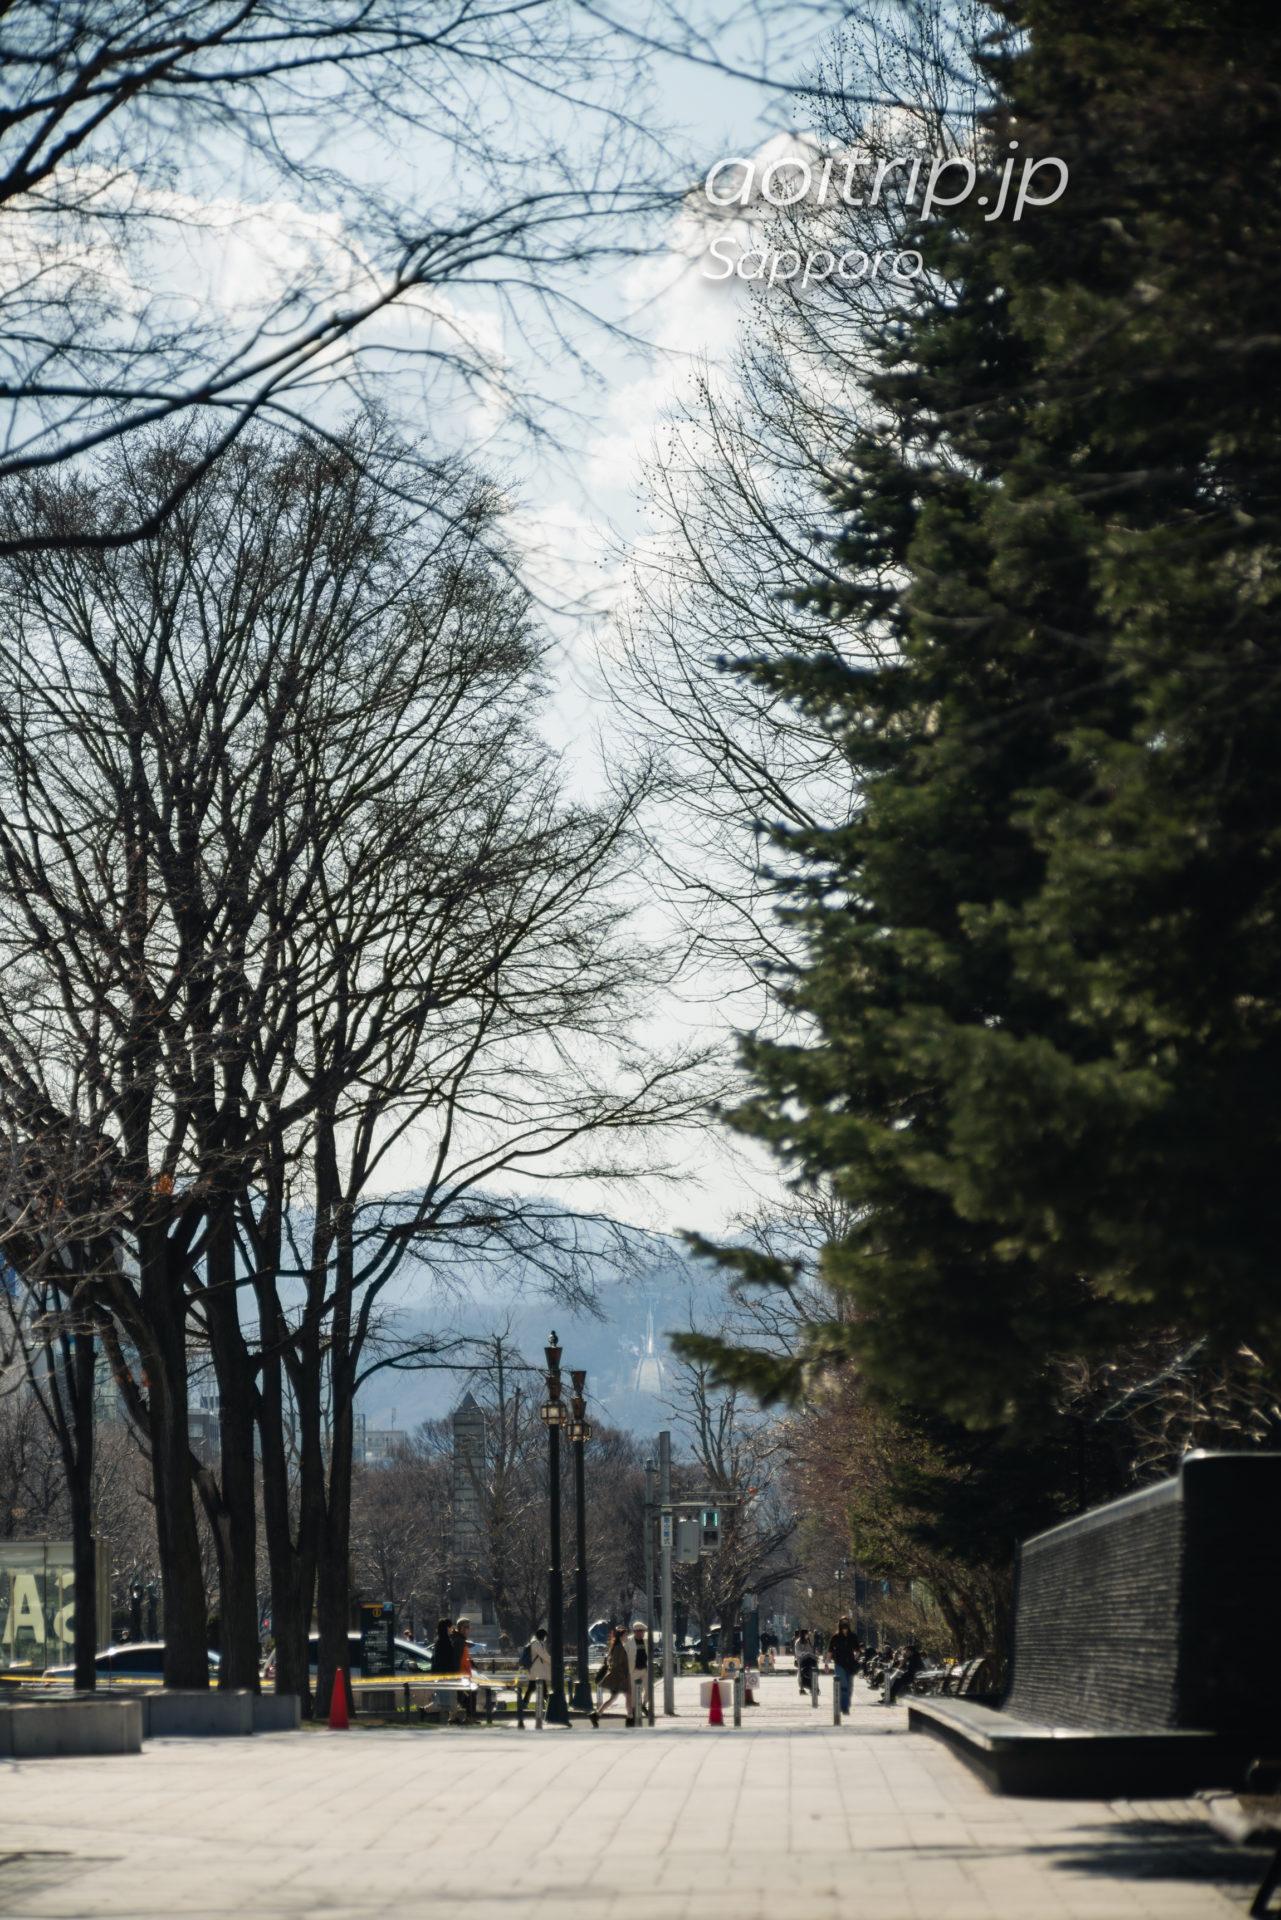 日本光学 Nikon Nikkor-Q・C 135mm F3.5の作例 札幌大通公園から大倉山ジャンプ競技場